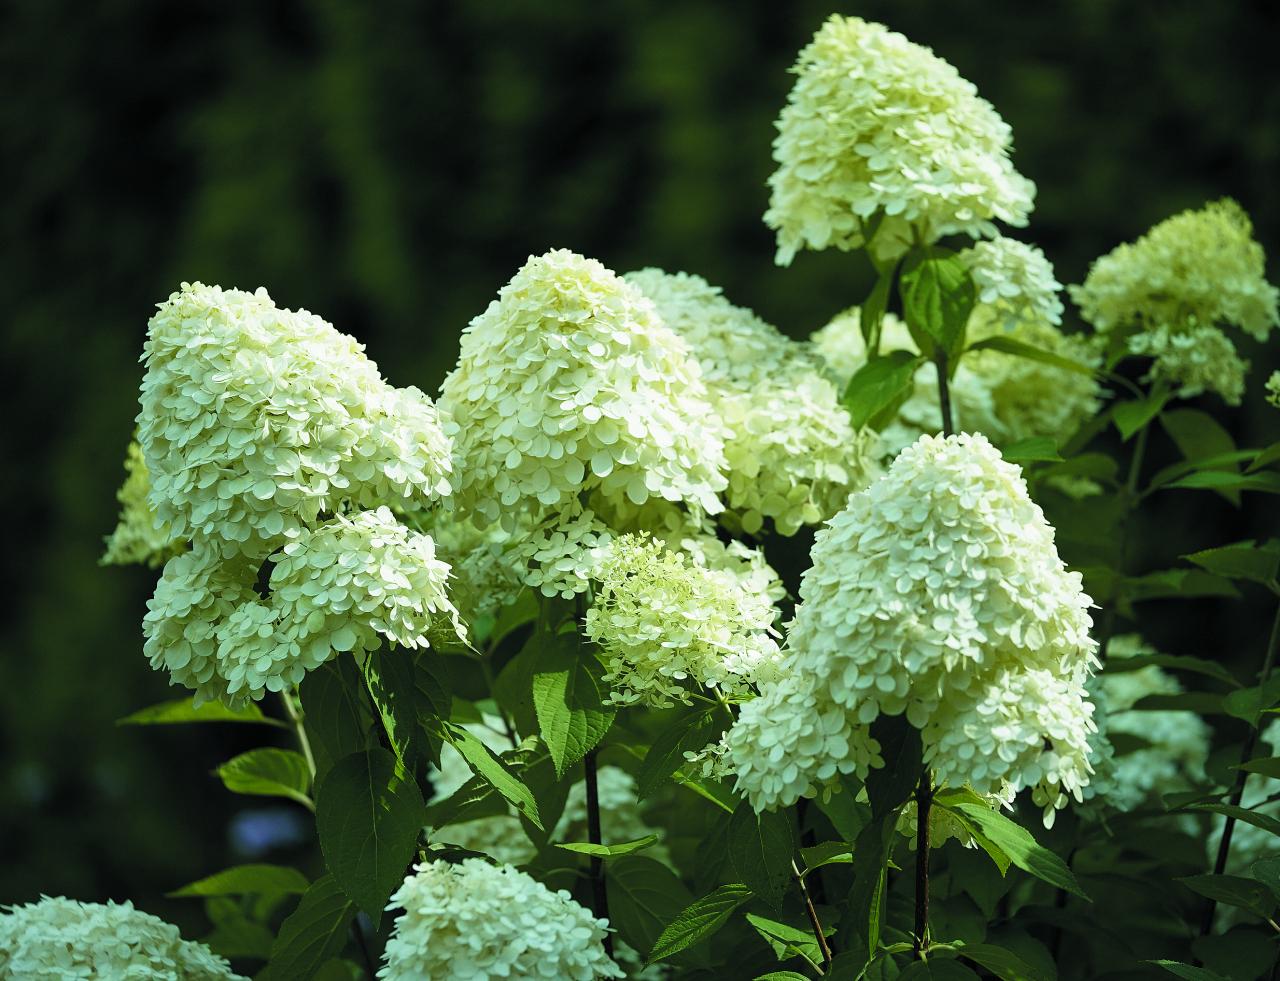 Limelight. Zied bagātīgi, ar stāviem, līdz 3 m augstiem dzinumiem. Efektīgi izskatās dzīvžogos, arī atsevišķos stādījumos. Sākumā ziedi ir zaļgani balti, tad balti, bet vēlāk iekrāsojas viegli rozā.